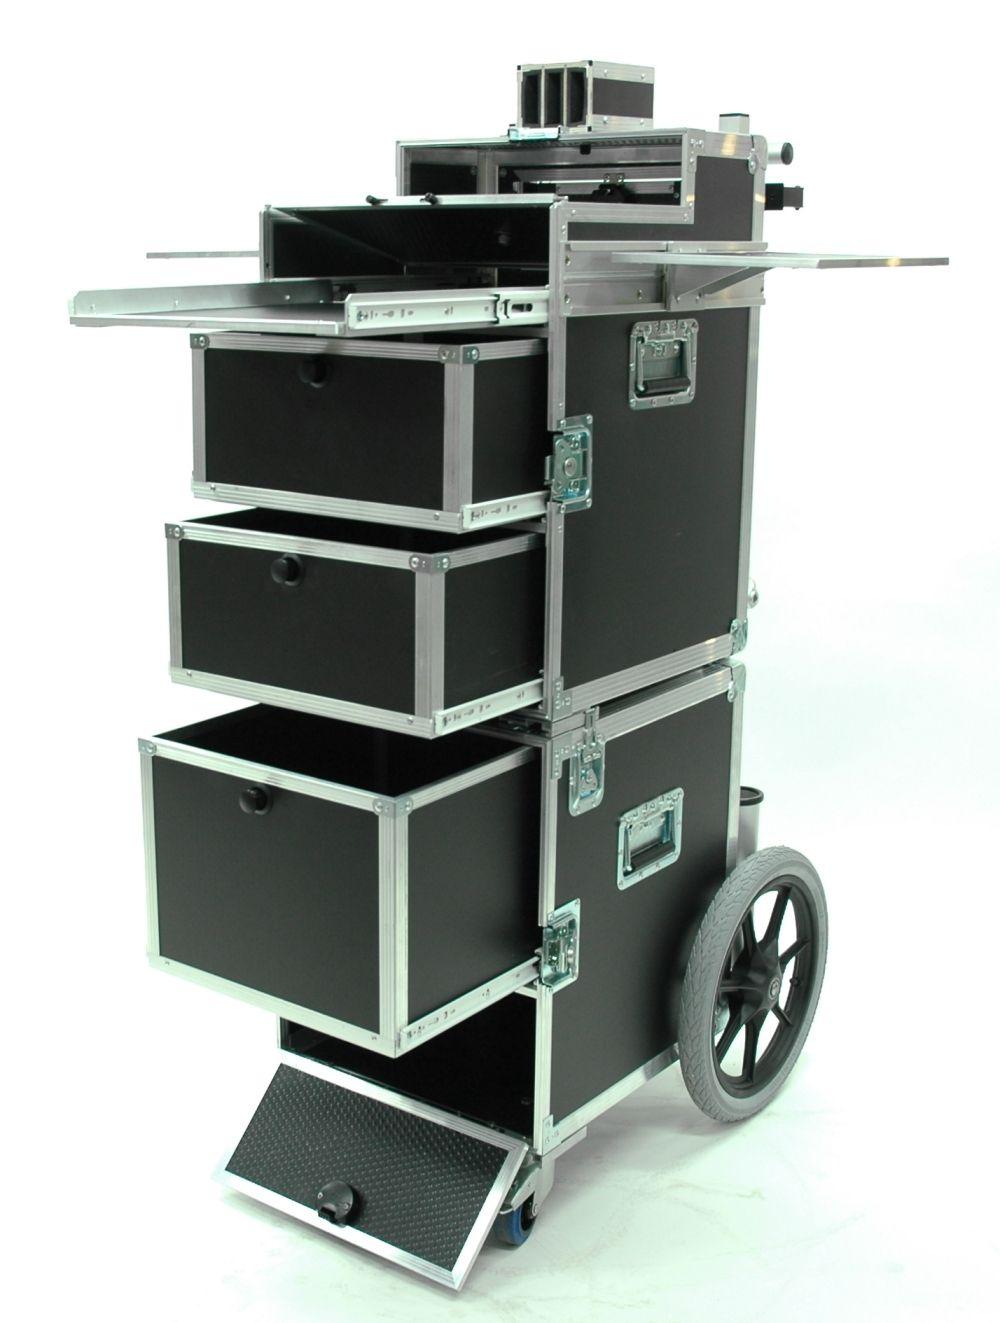 flightcase sur mesure recherche google flightcase pinterest outils rangement et caisse. Black Bedroom Furniture Sets. Home Design Ideas